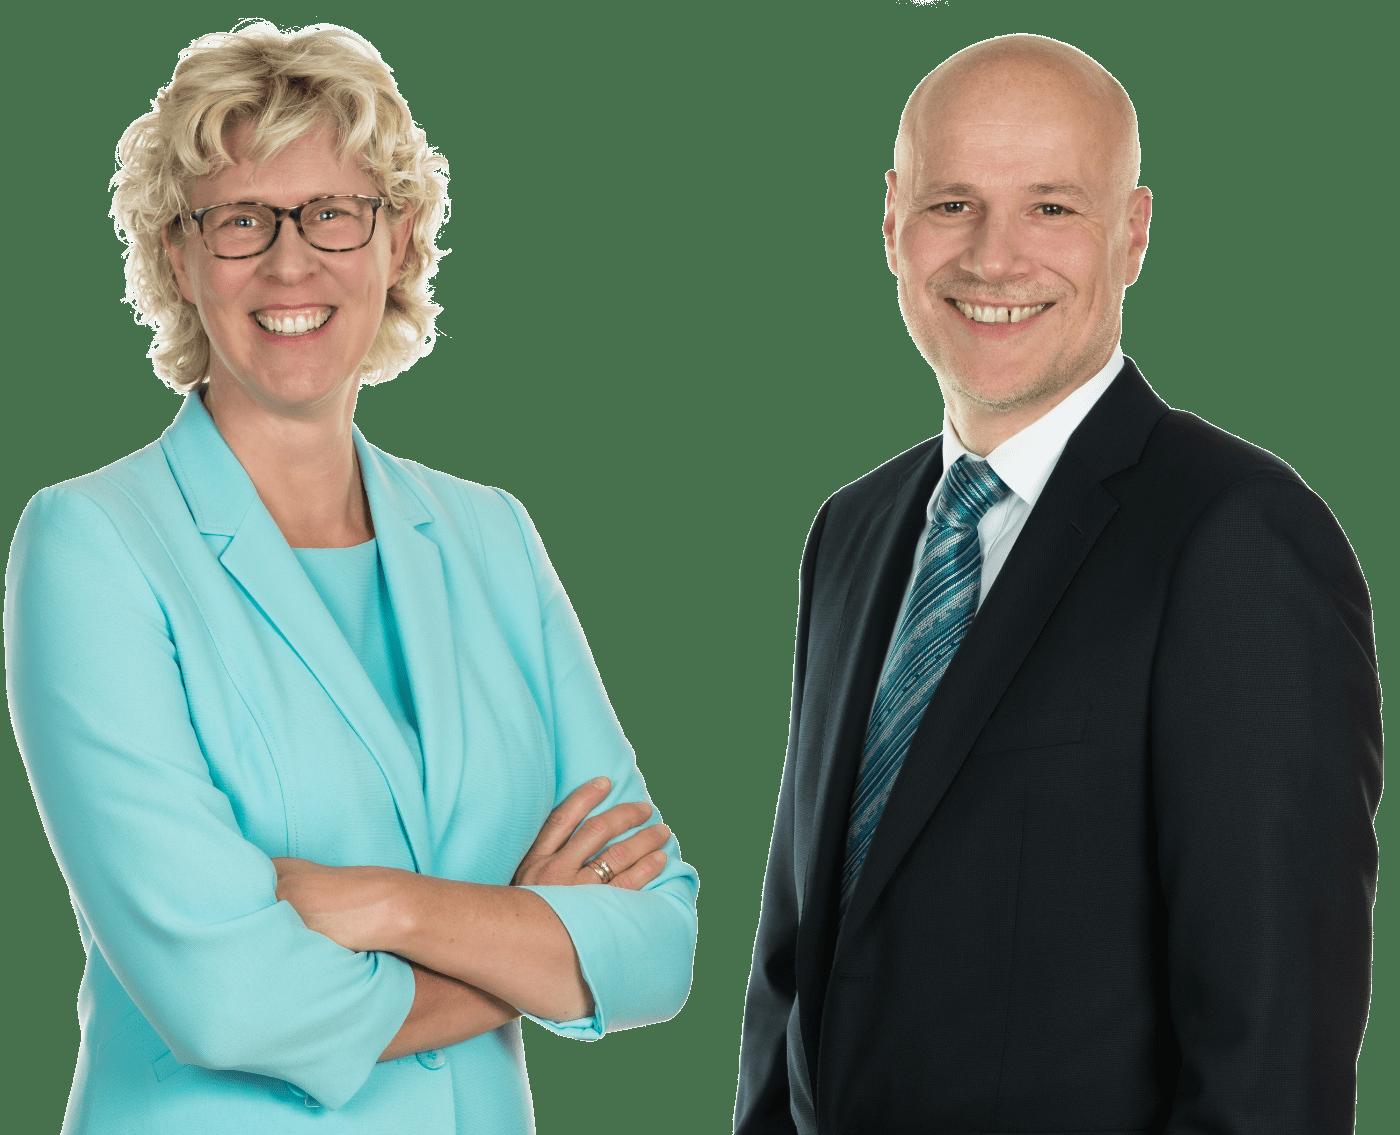 Portraits von Verena von Dehn und Jörg Neelsen, Geschäftsführer, VonDehn&Neelsen Consulting GmbH